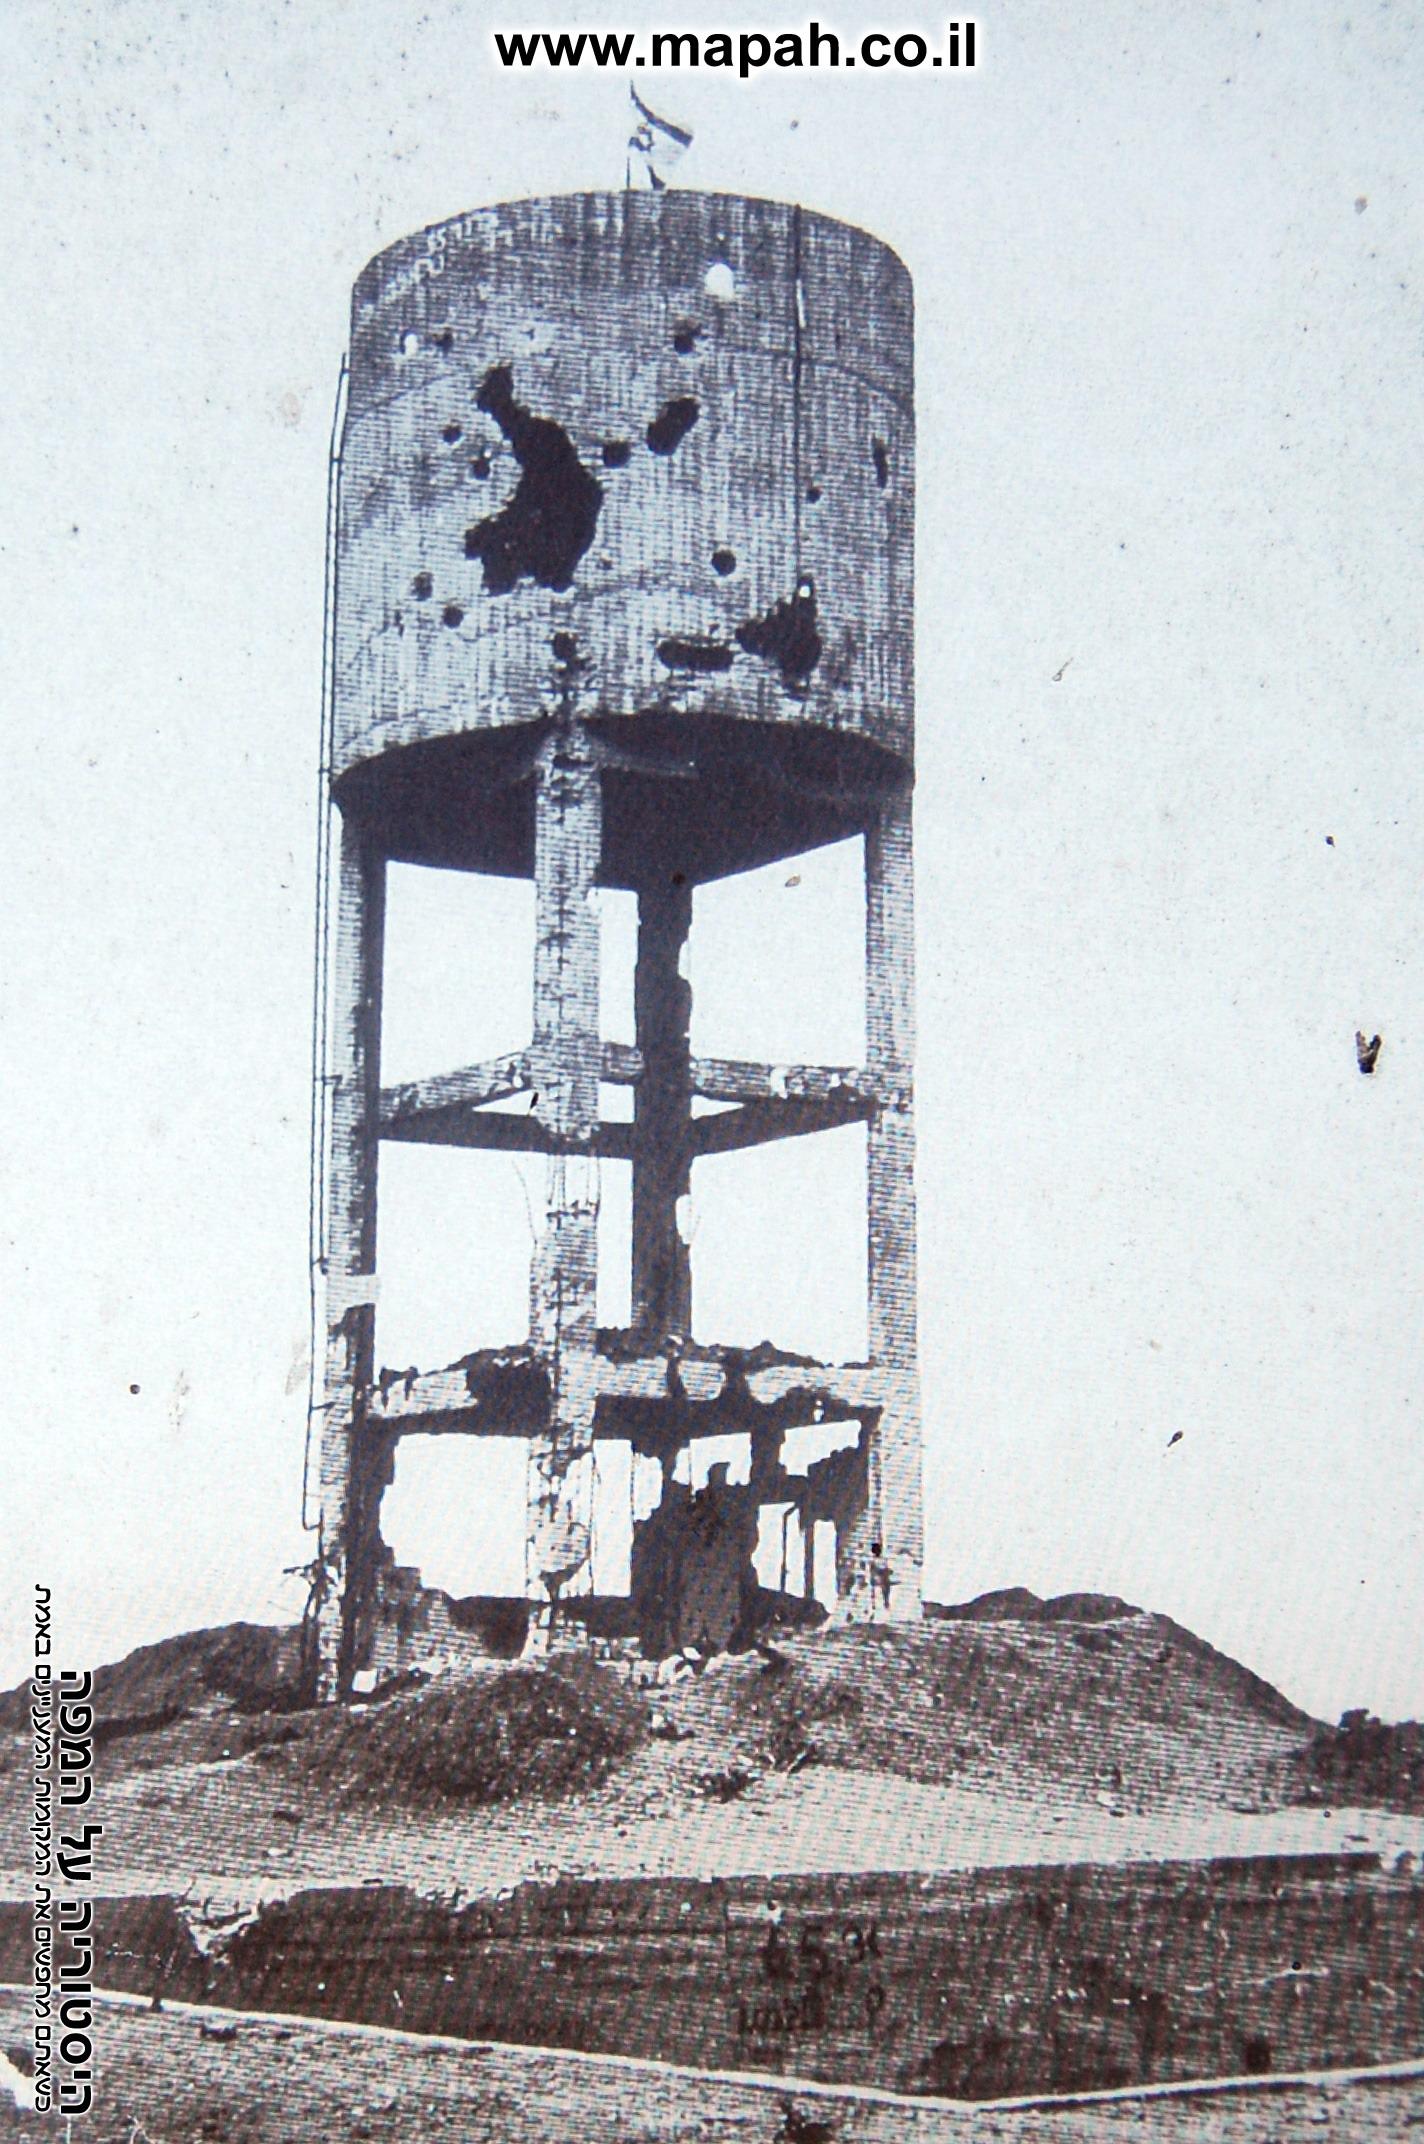 מגדל המים הפגוע כפי שצולם ערב חזרתם של אנשי קיבוץ יד מרדכי - צילום: אפי אליאן